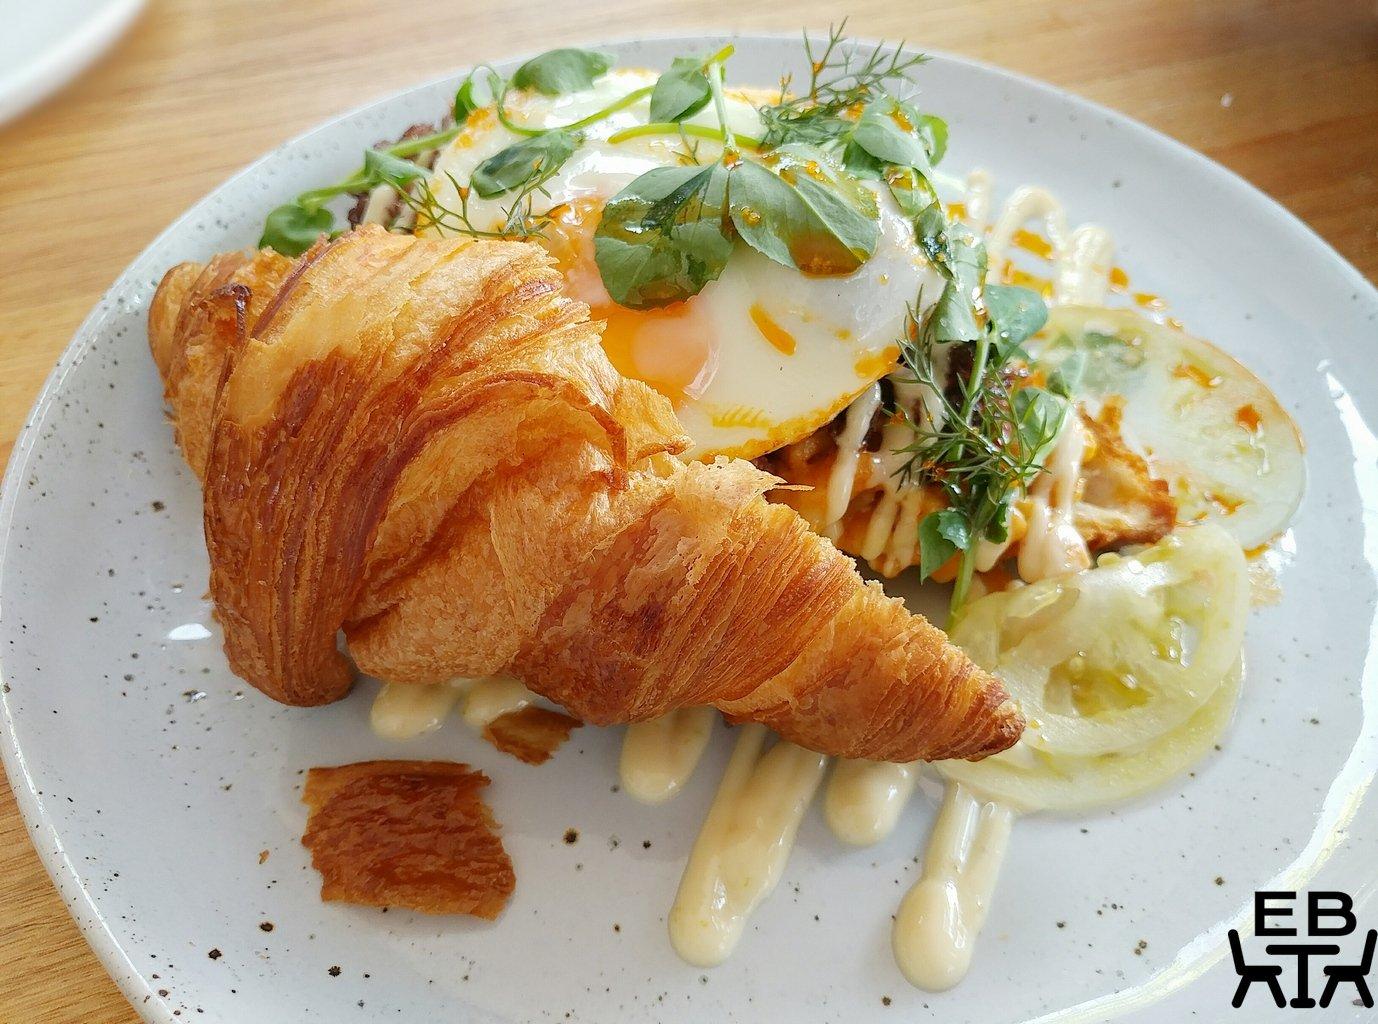 frejas cafe croissant